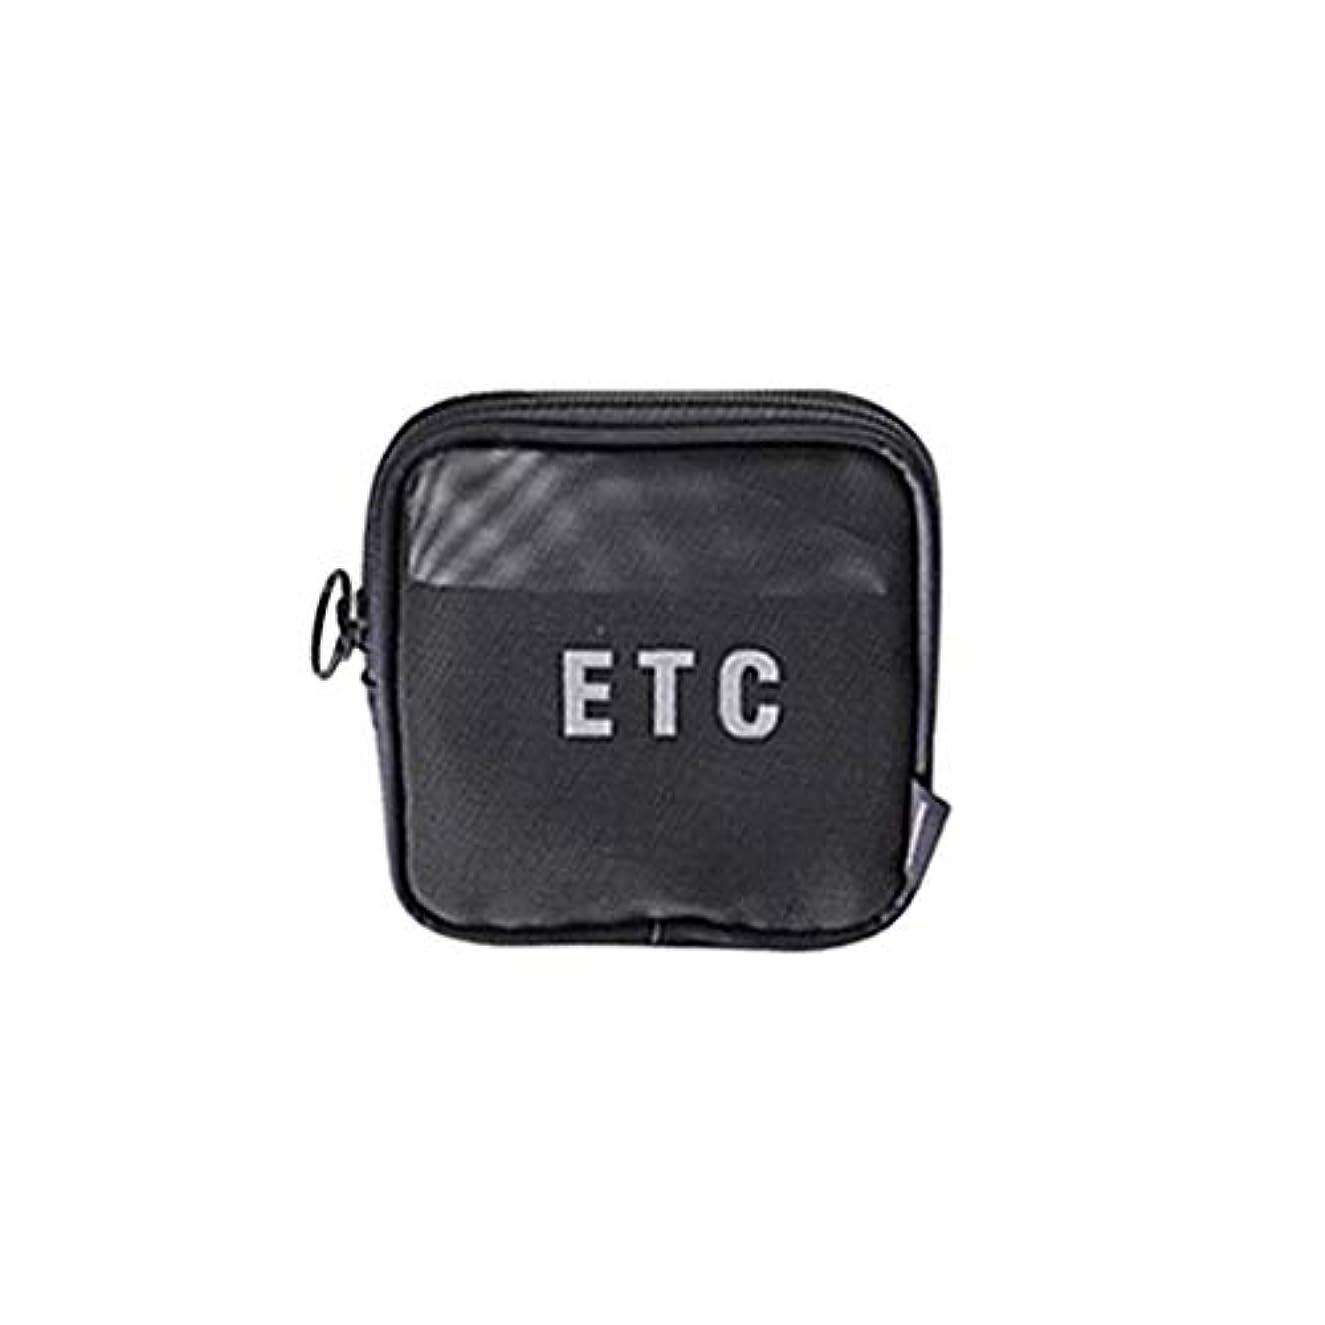 パントリーエスニックかもめメイクバッグ Akane ETC 新しい ネット アウトドア 実用的 高品質 多機能 通気 半透明 便利 家用 旅行 ビーチ 化粧バッグ (スモールサイズ)